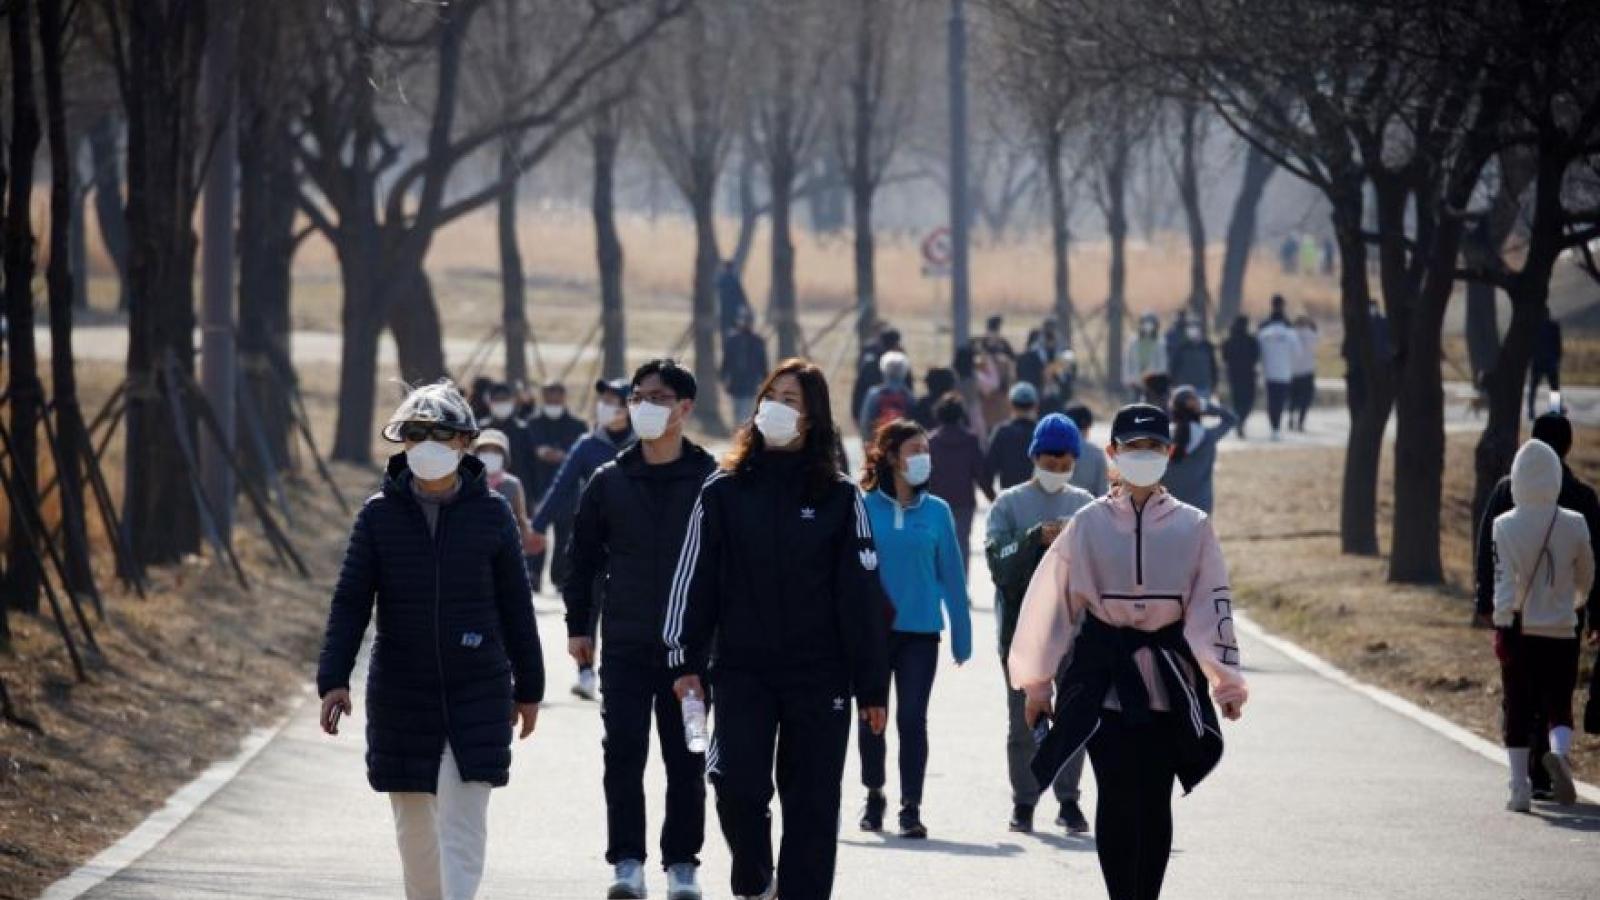 Hàn Quốc mở rộng giãn cách xã hội, số ca Covid-19 mới trong ngày cao nhất tháng